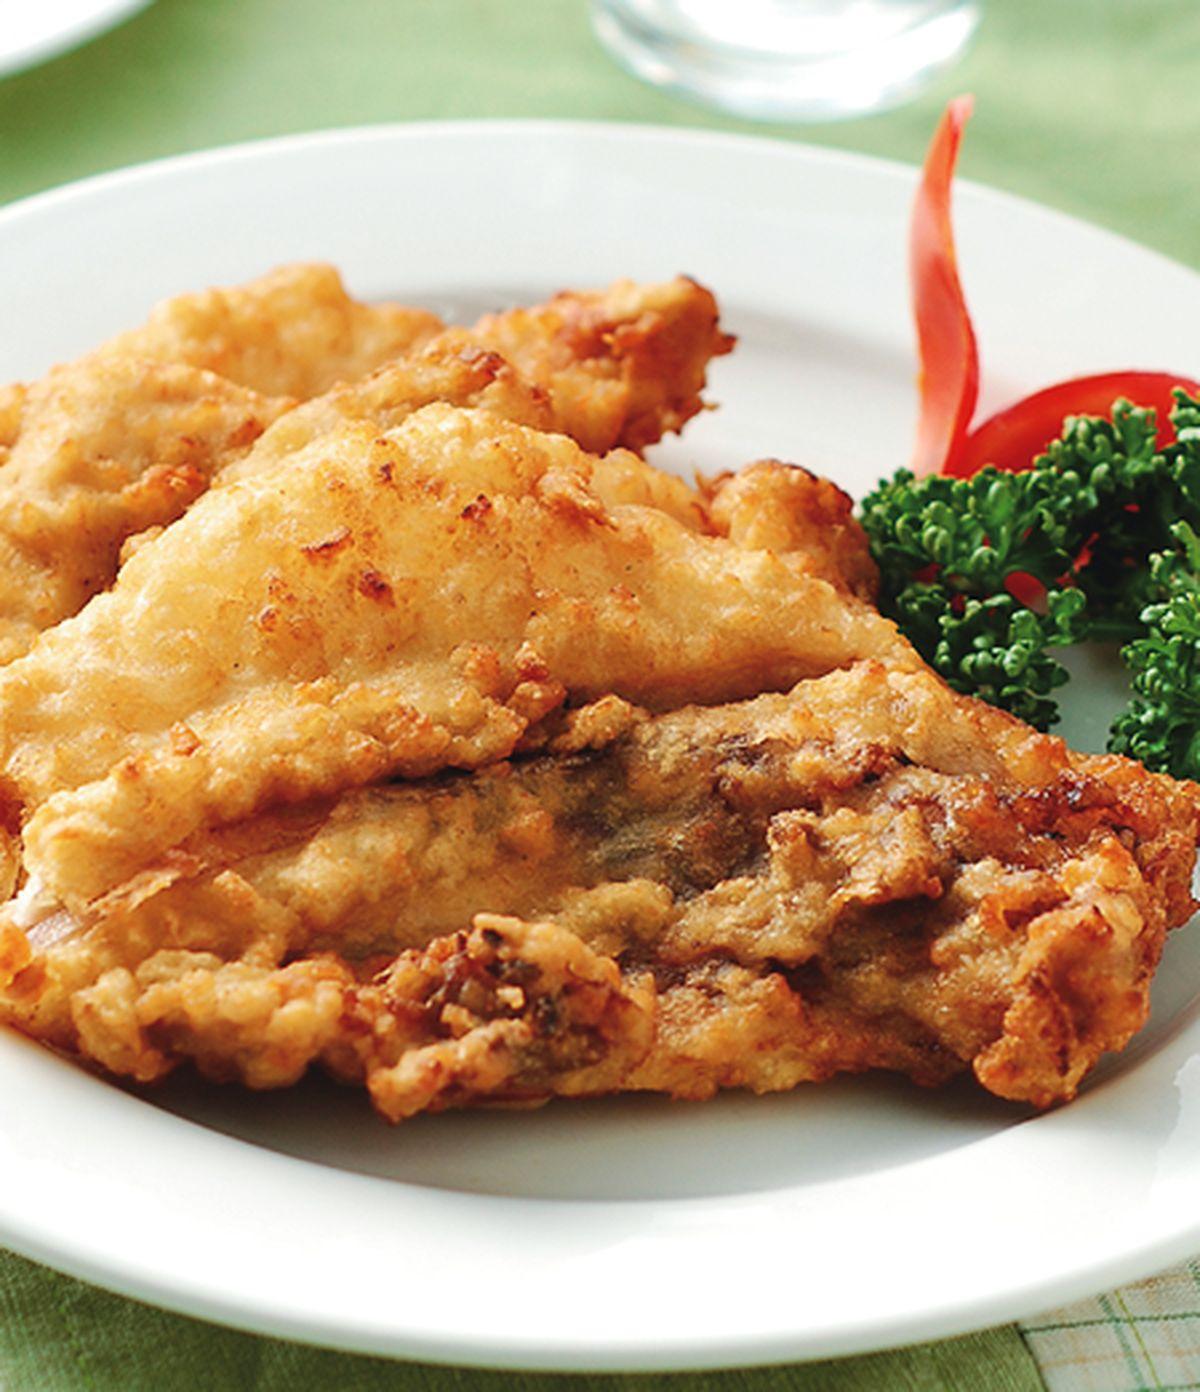 食譜:脆皮雞排